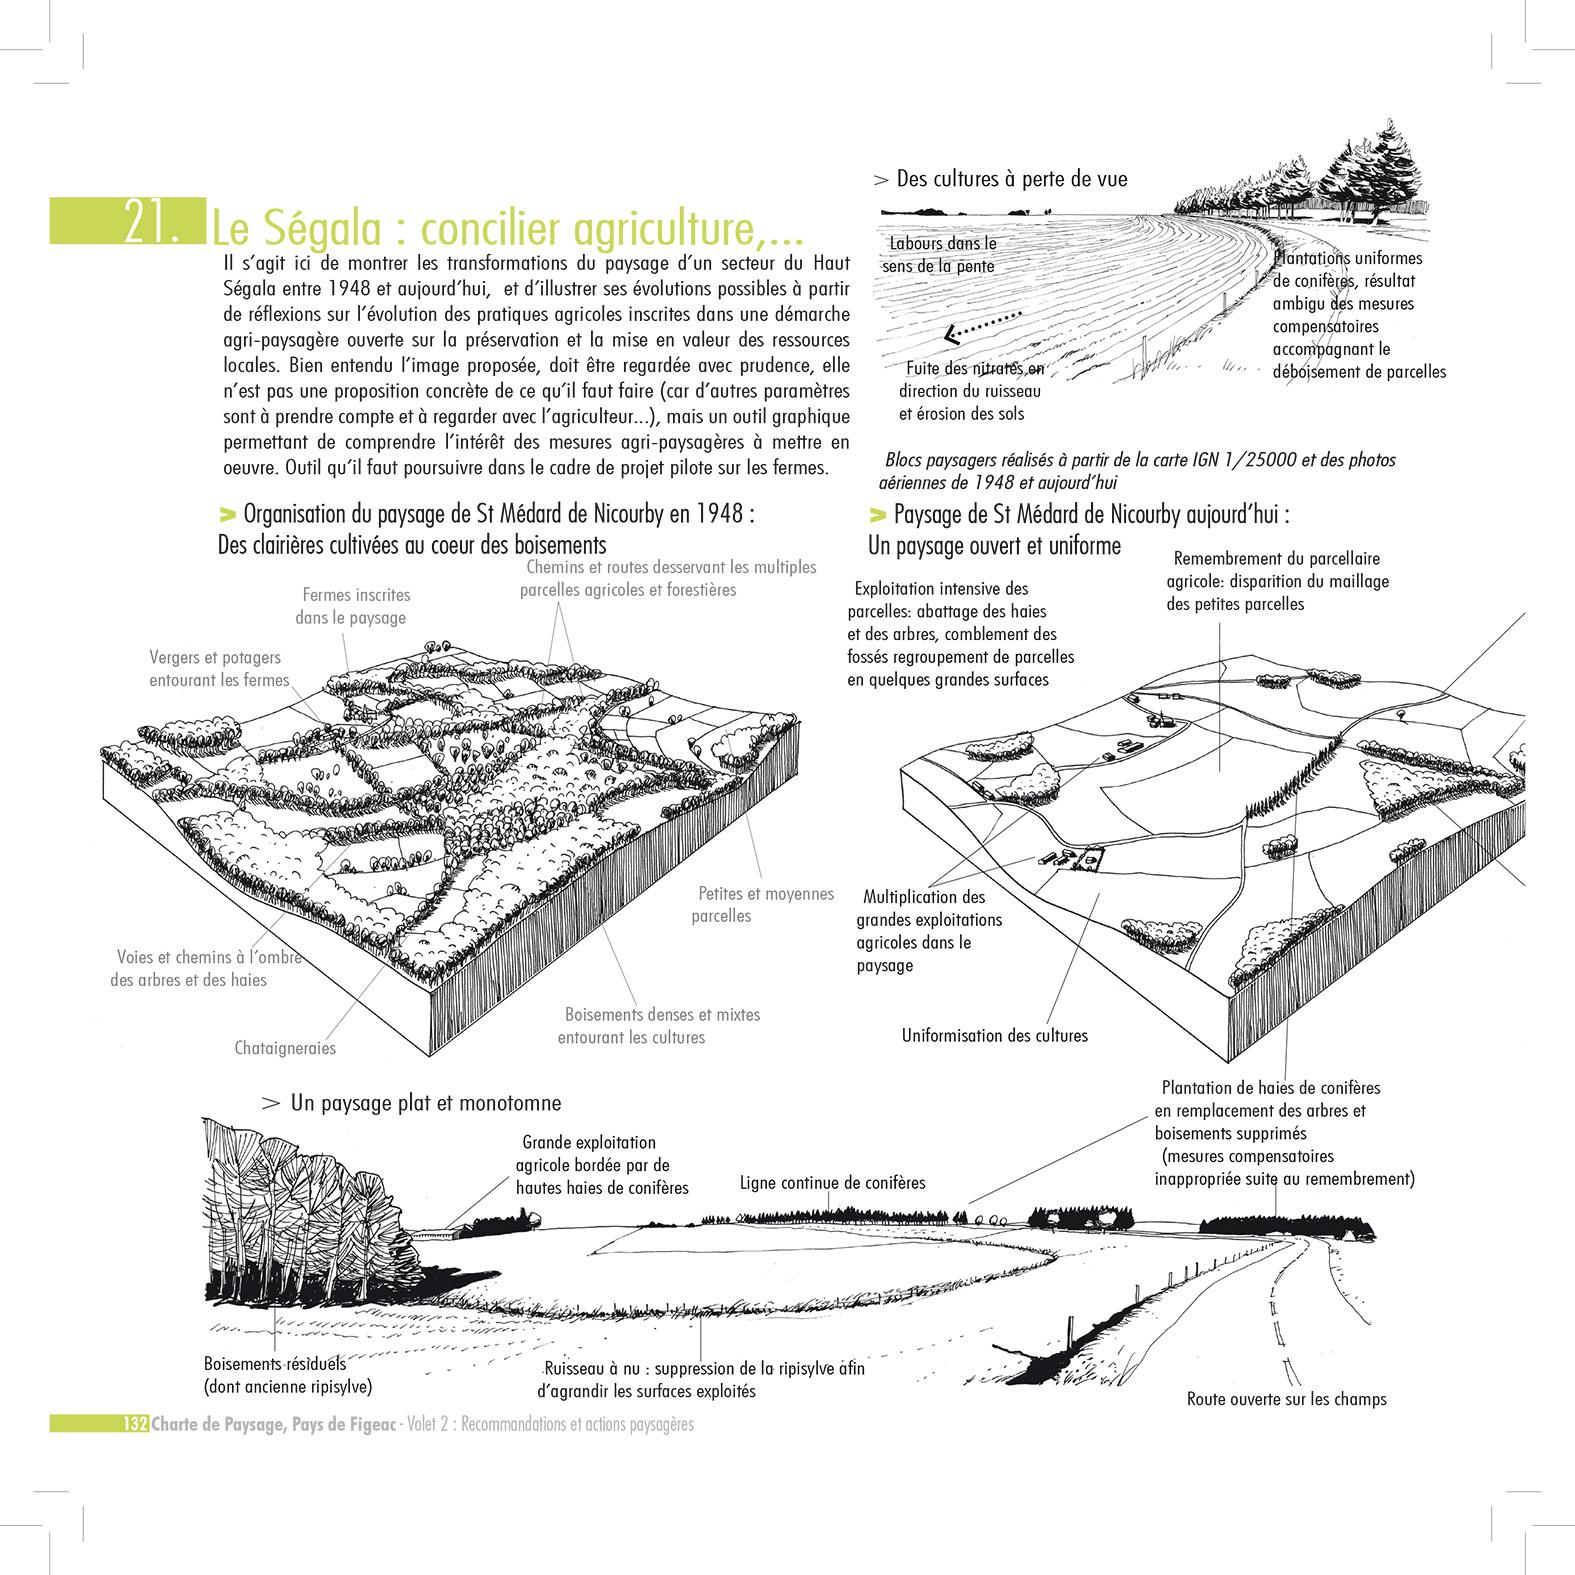 Charte pays de Figeac extrait